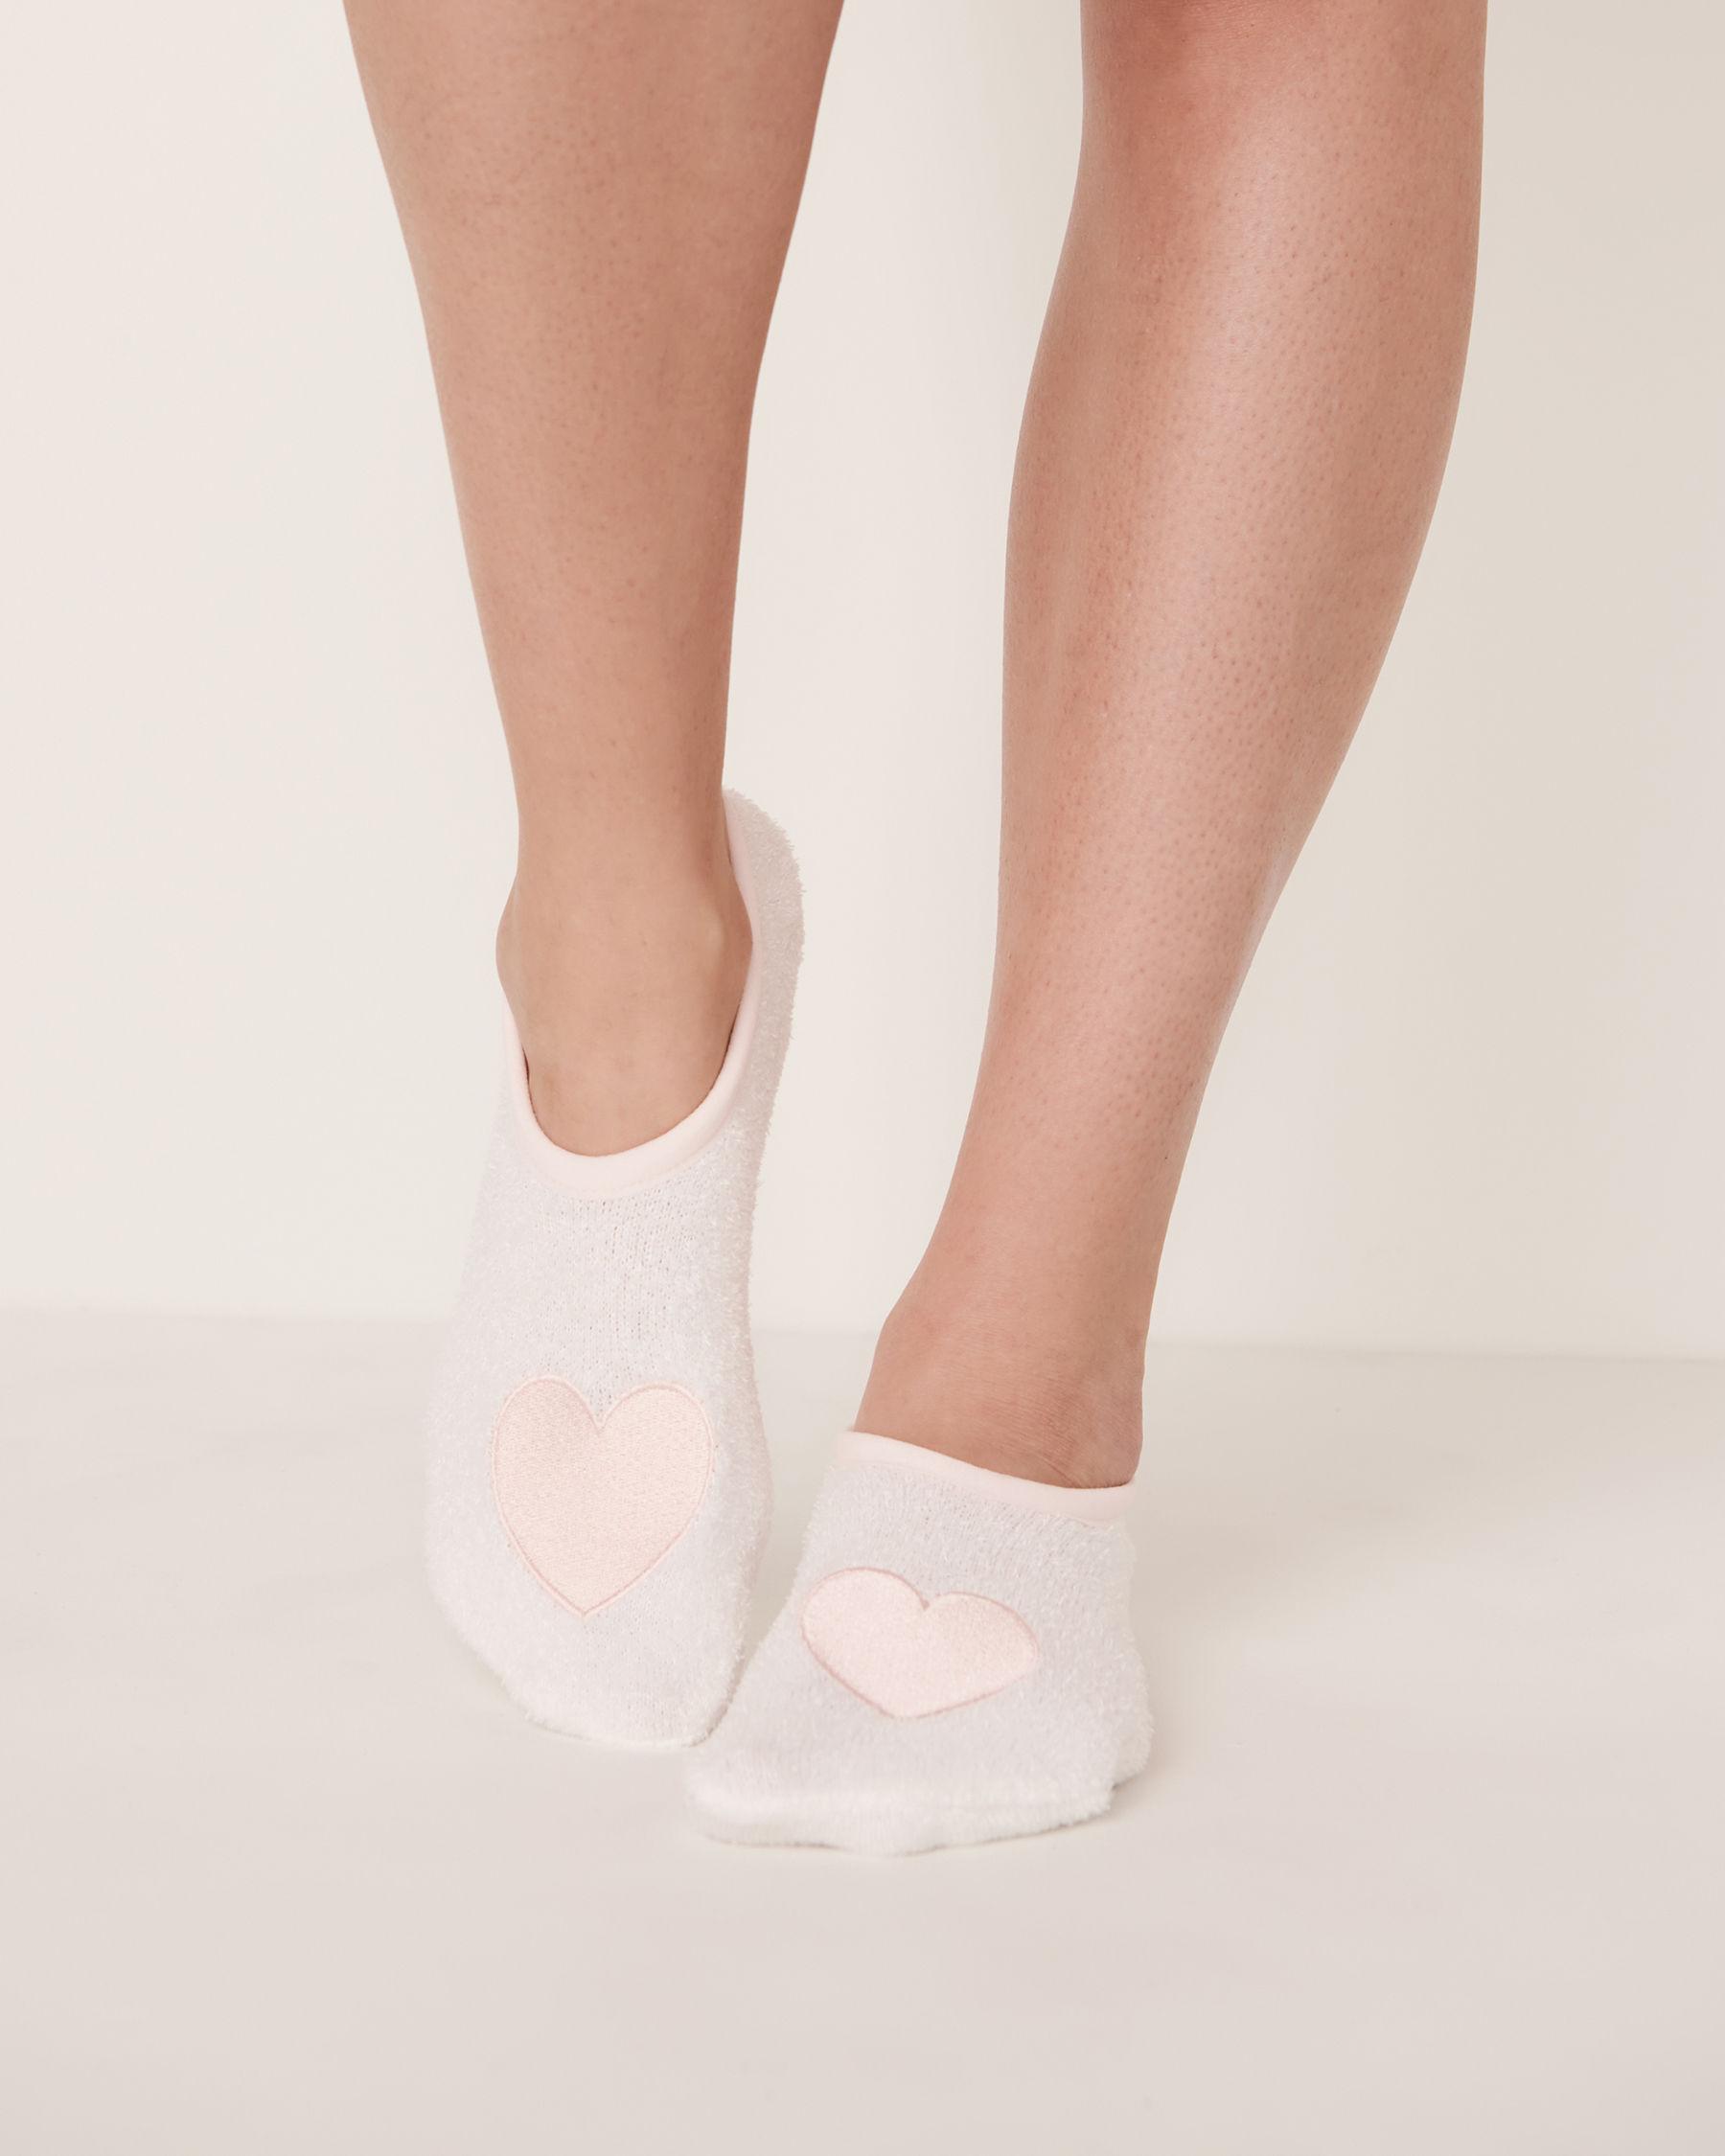 LA VIE EN ROSE Bas pantoufles en chenille Blanc 40700015 - Voir1